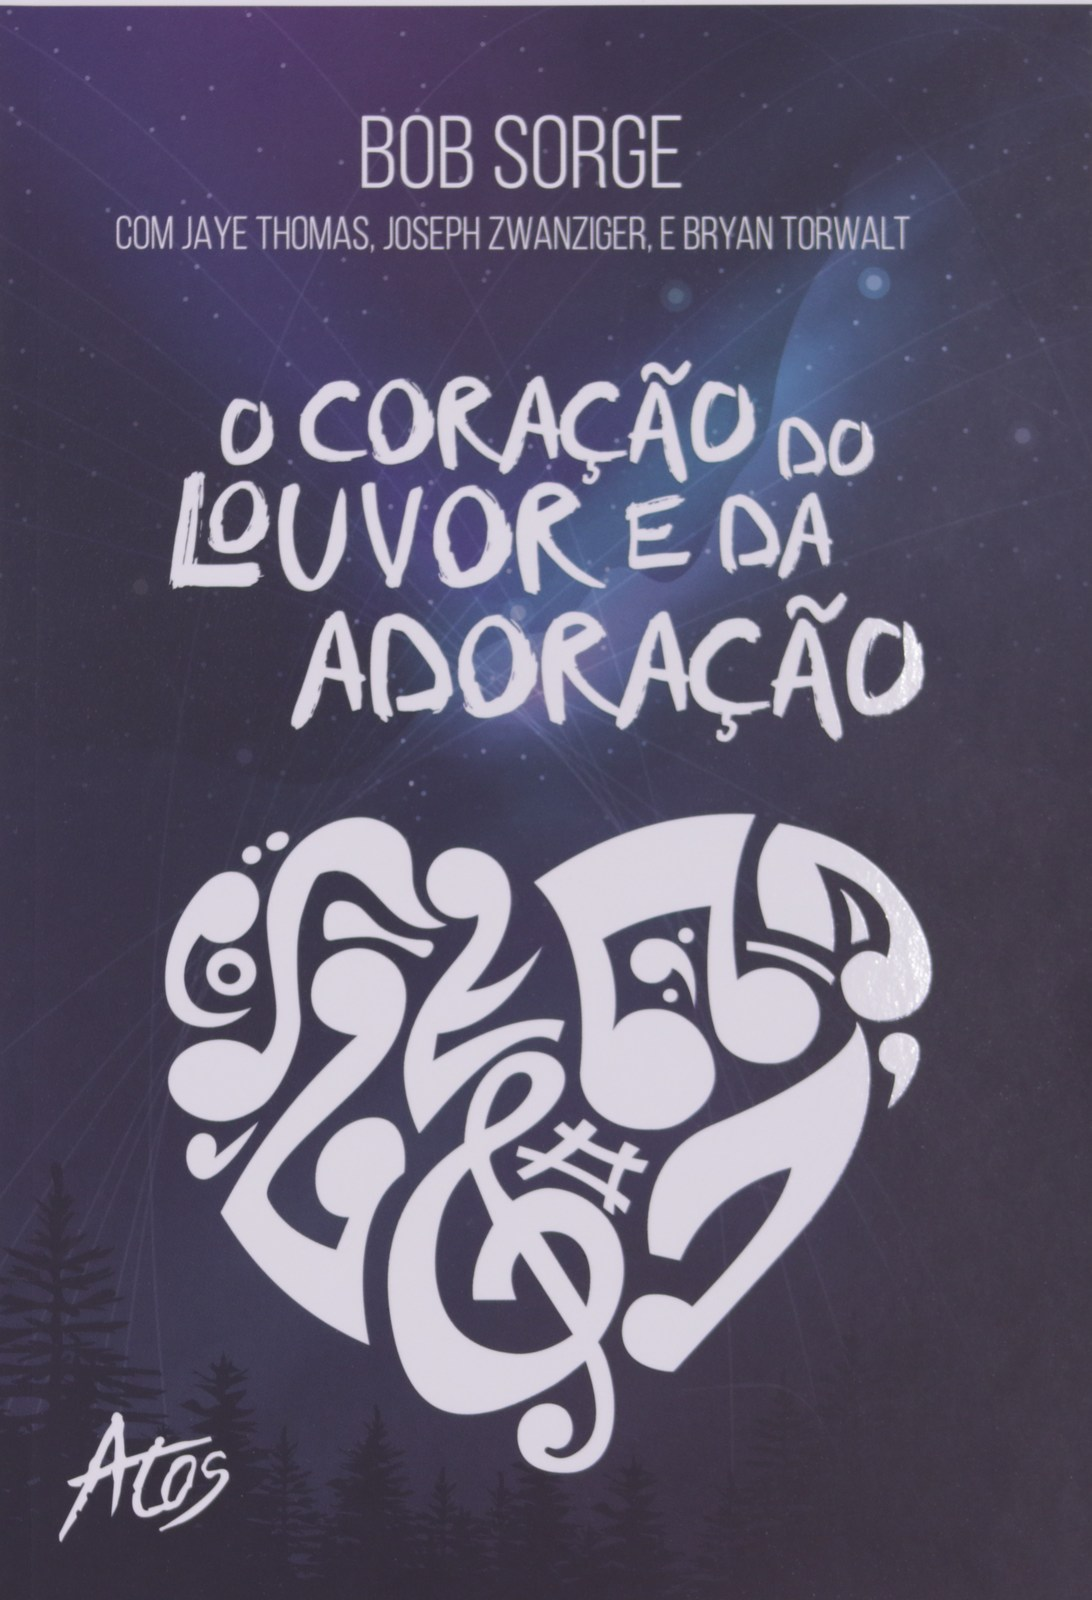 O CORACAO DO LOUVOR E DA ADORACAO